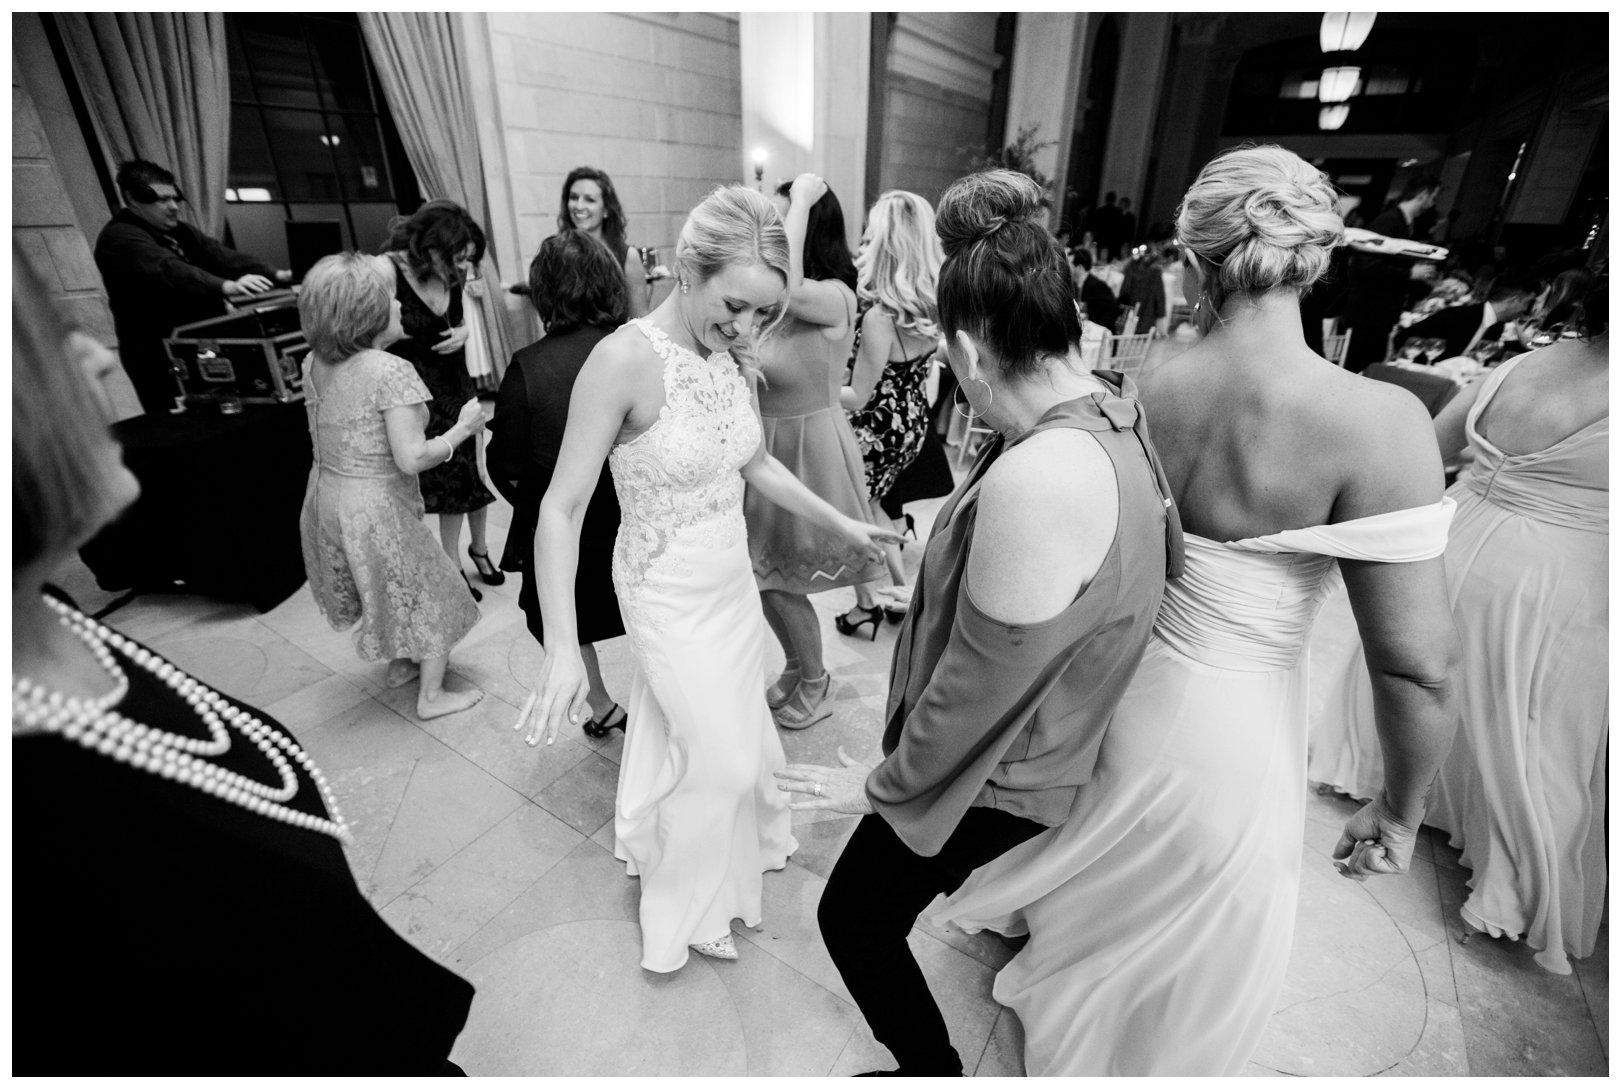 lauren muckler photography_fine art film wedding photography_st louis_photography_2458.jpg